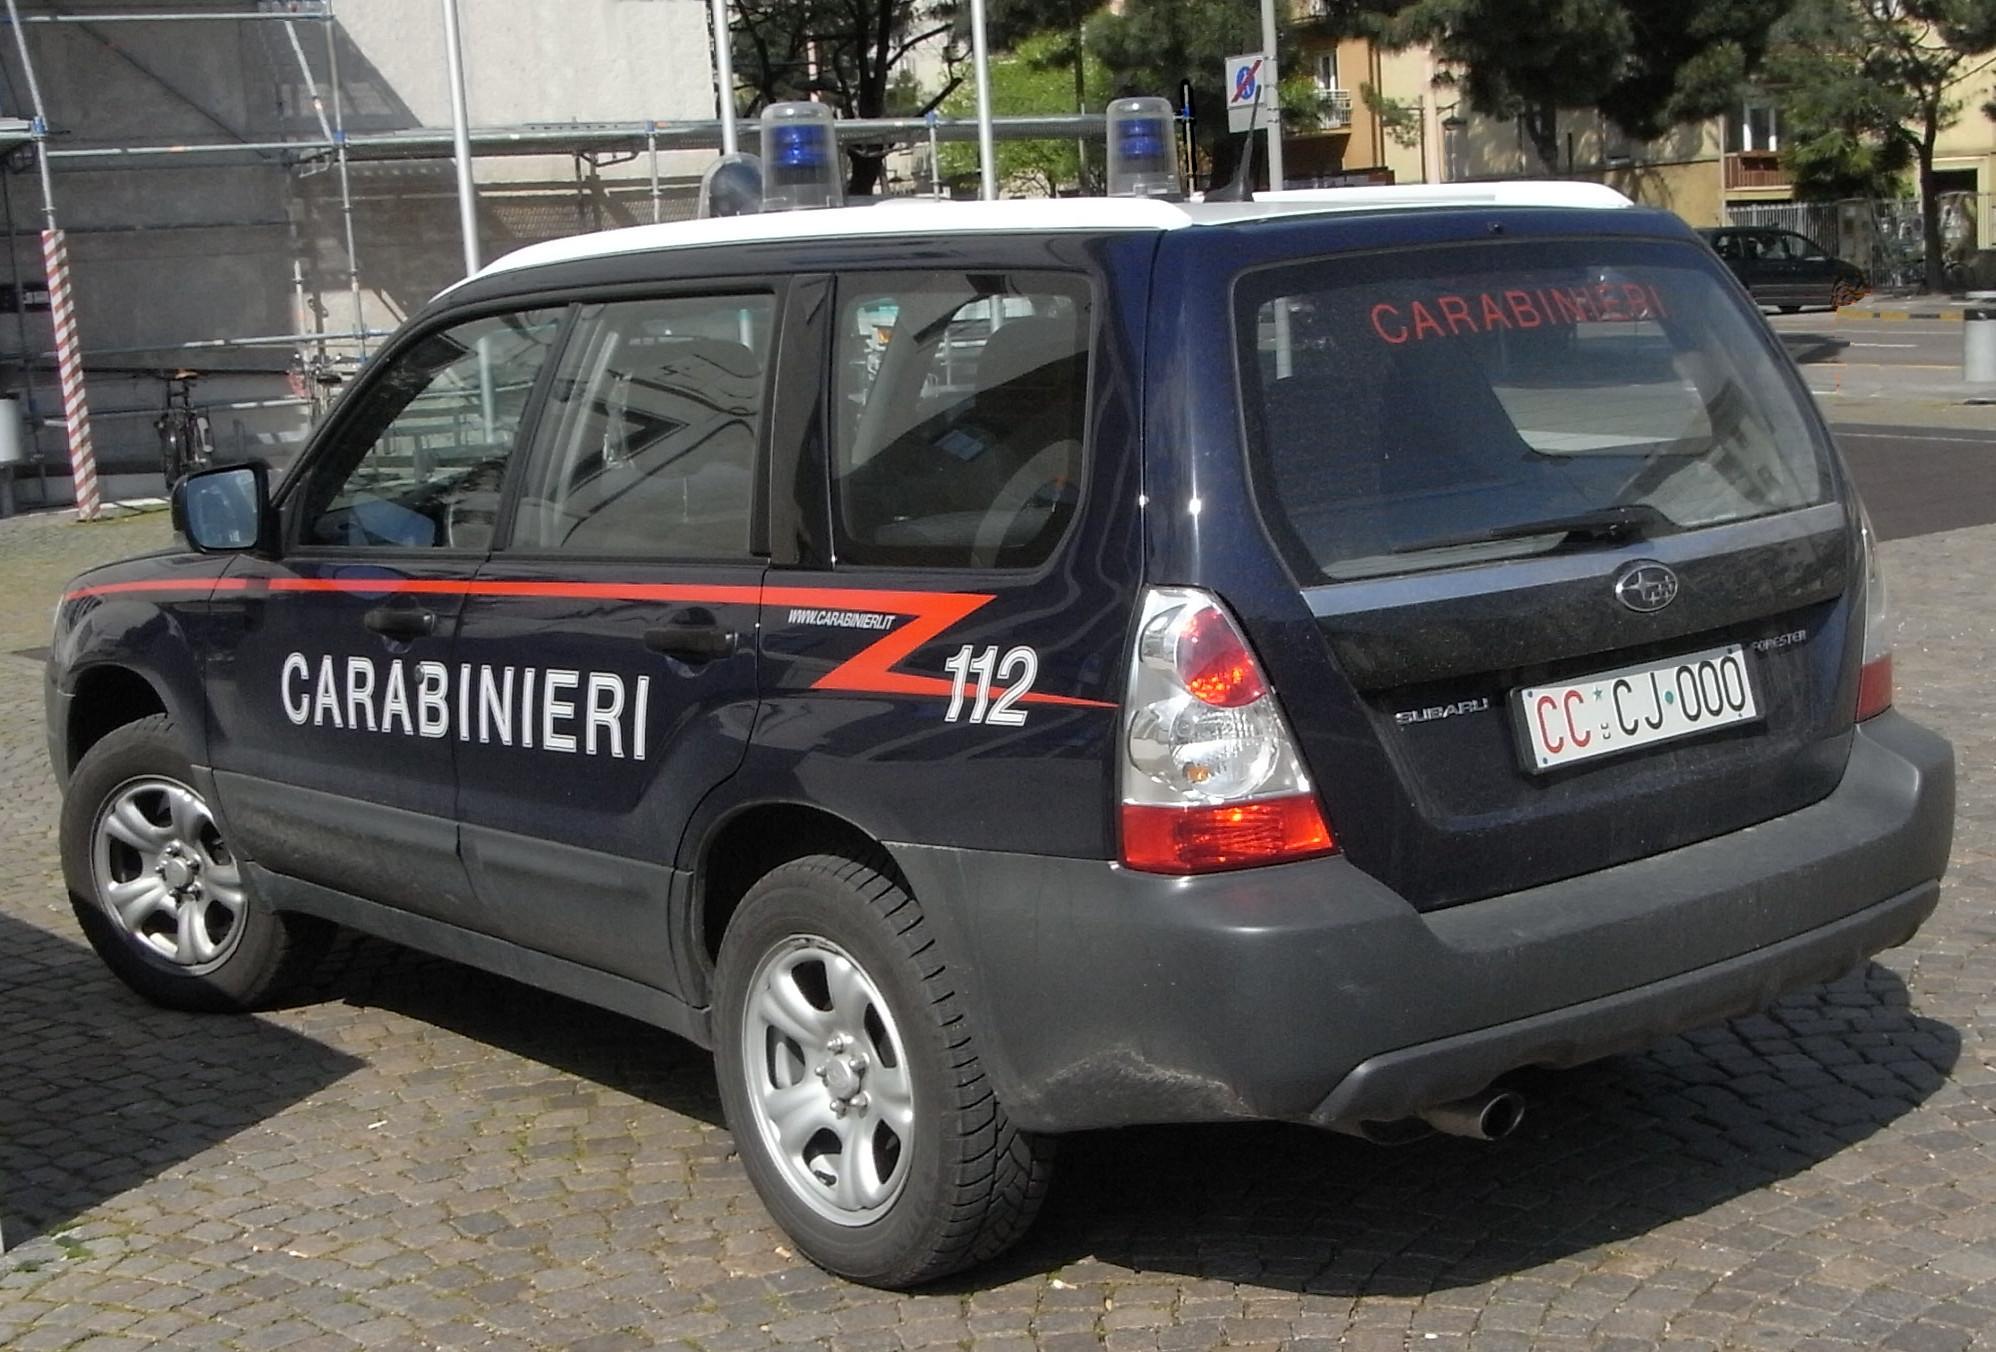 blitz_anti mafia_messina_13 arresti